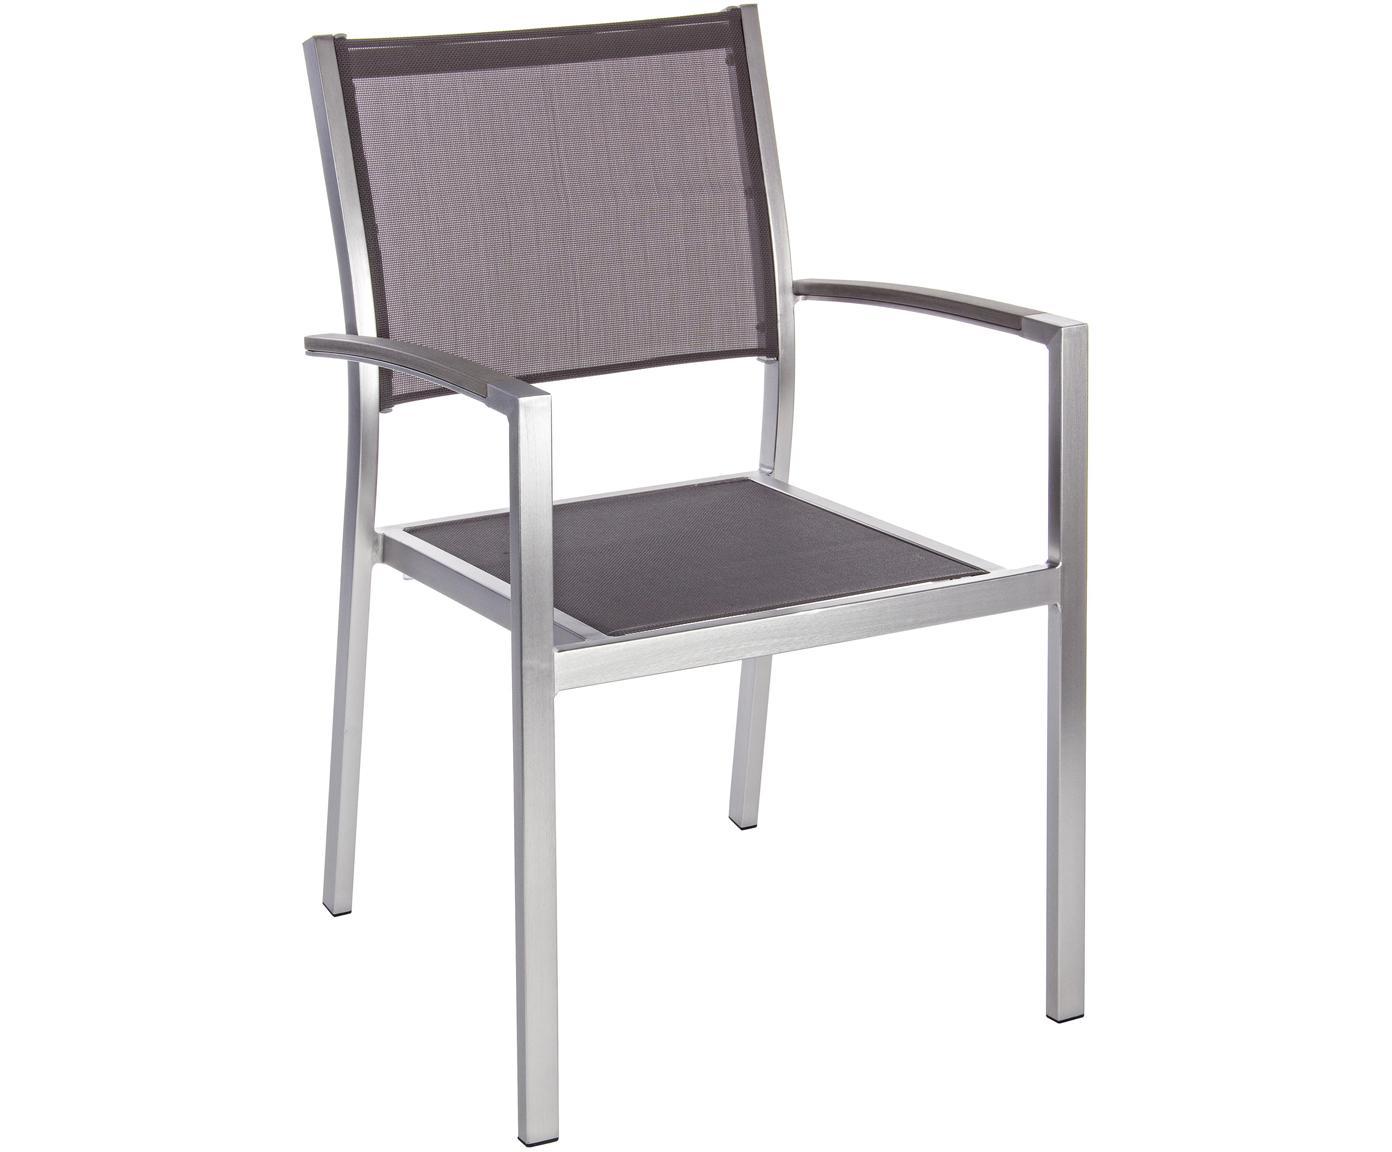 Krzesło ogrodowe z podłokietnikami do układania w stos Irwin, Stelaż: aluminium, satynowe wykoń, Srebrny, szary, S 54 x G 57 cm